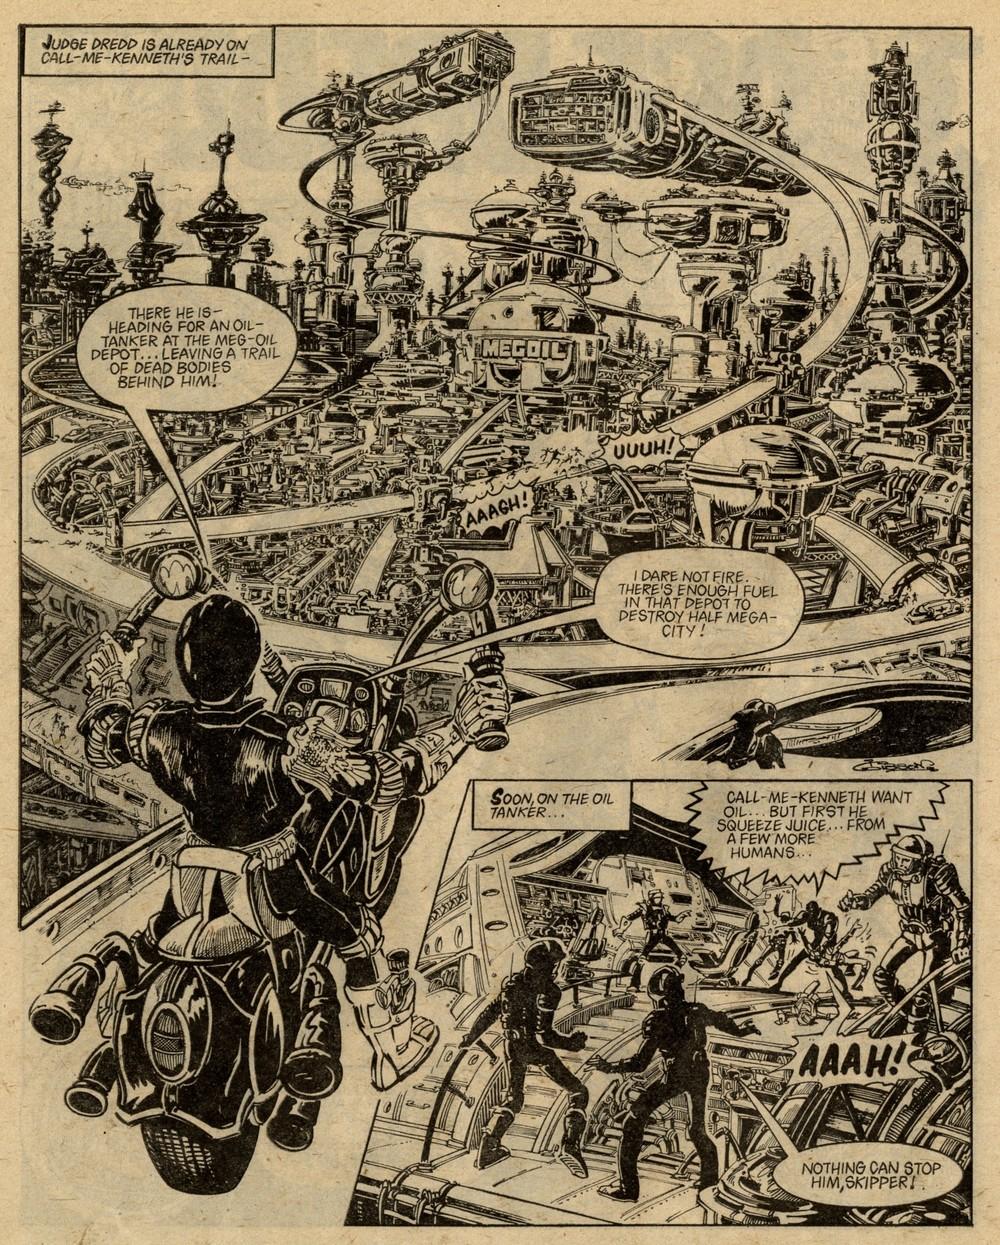 Judge Dredd: John Wagner (writer), Ian Gibson (artist)